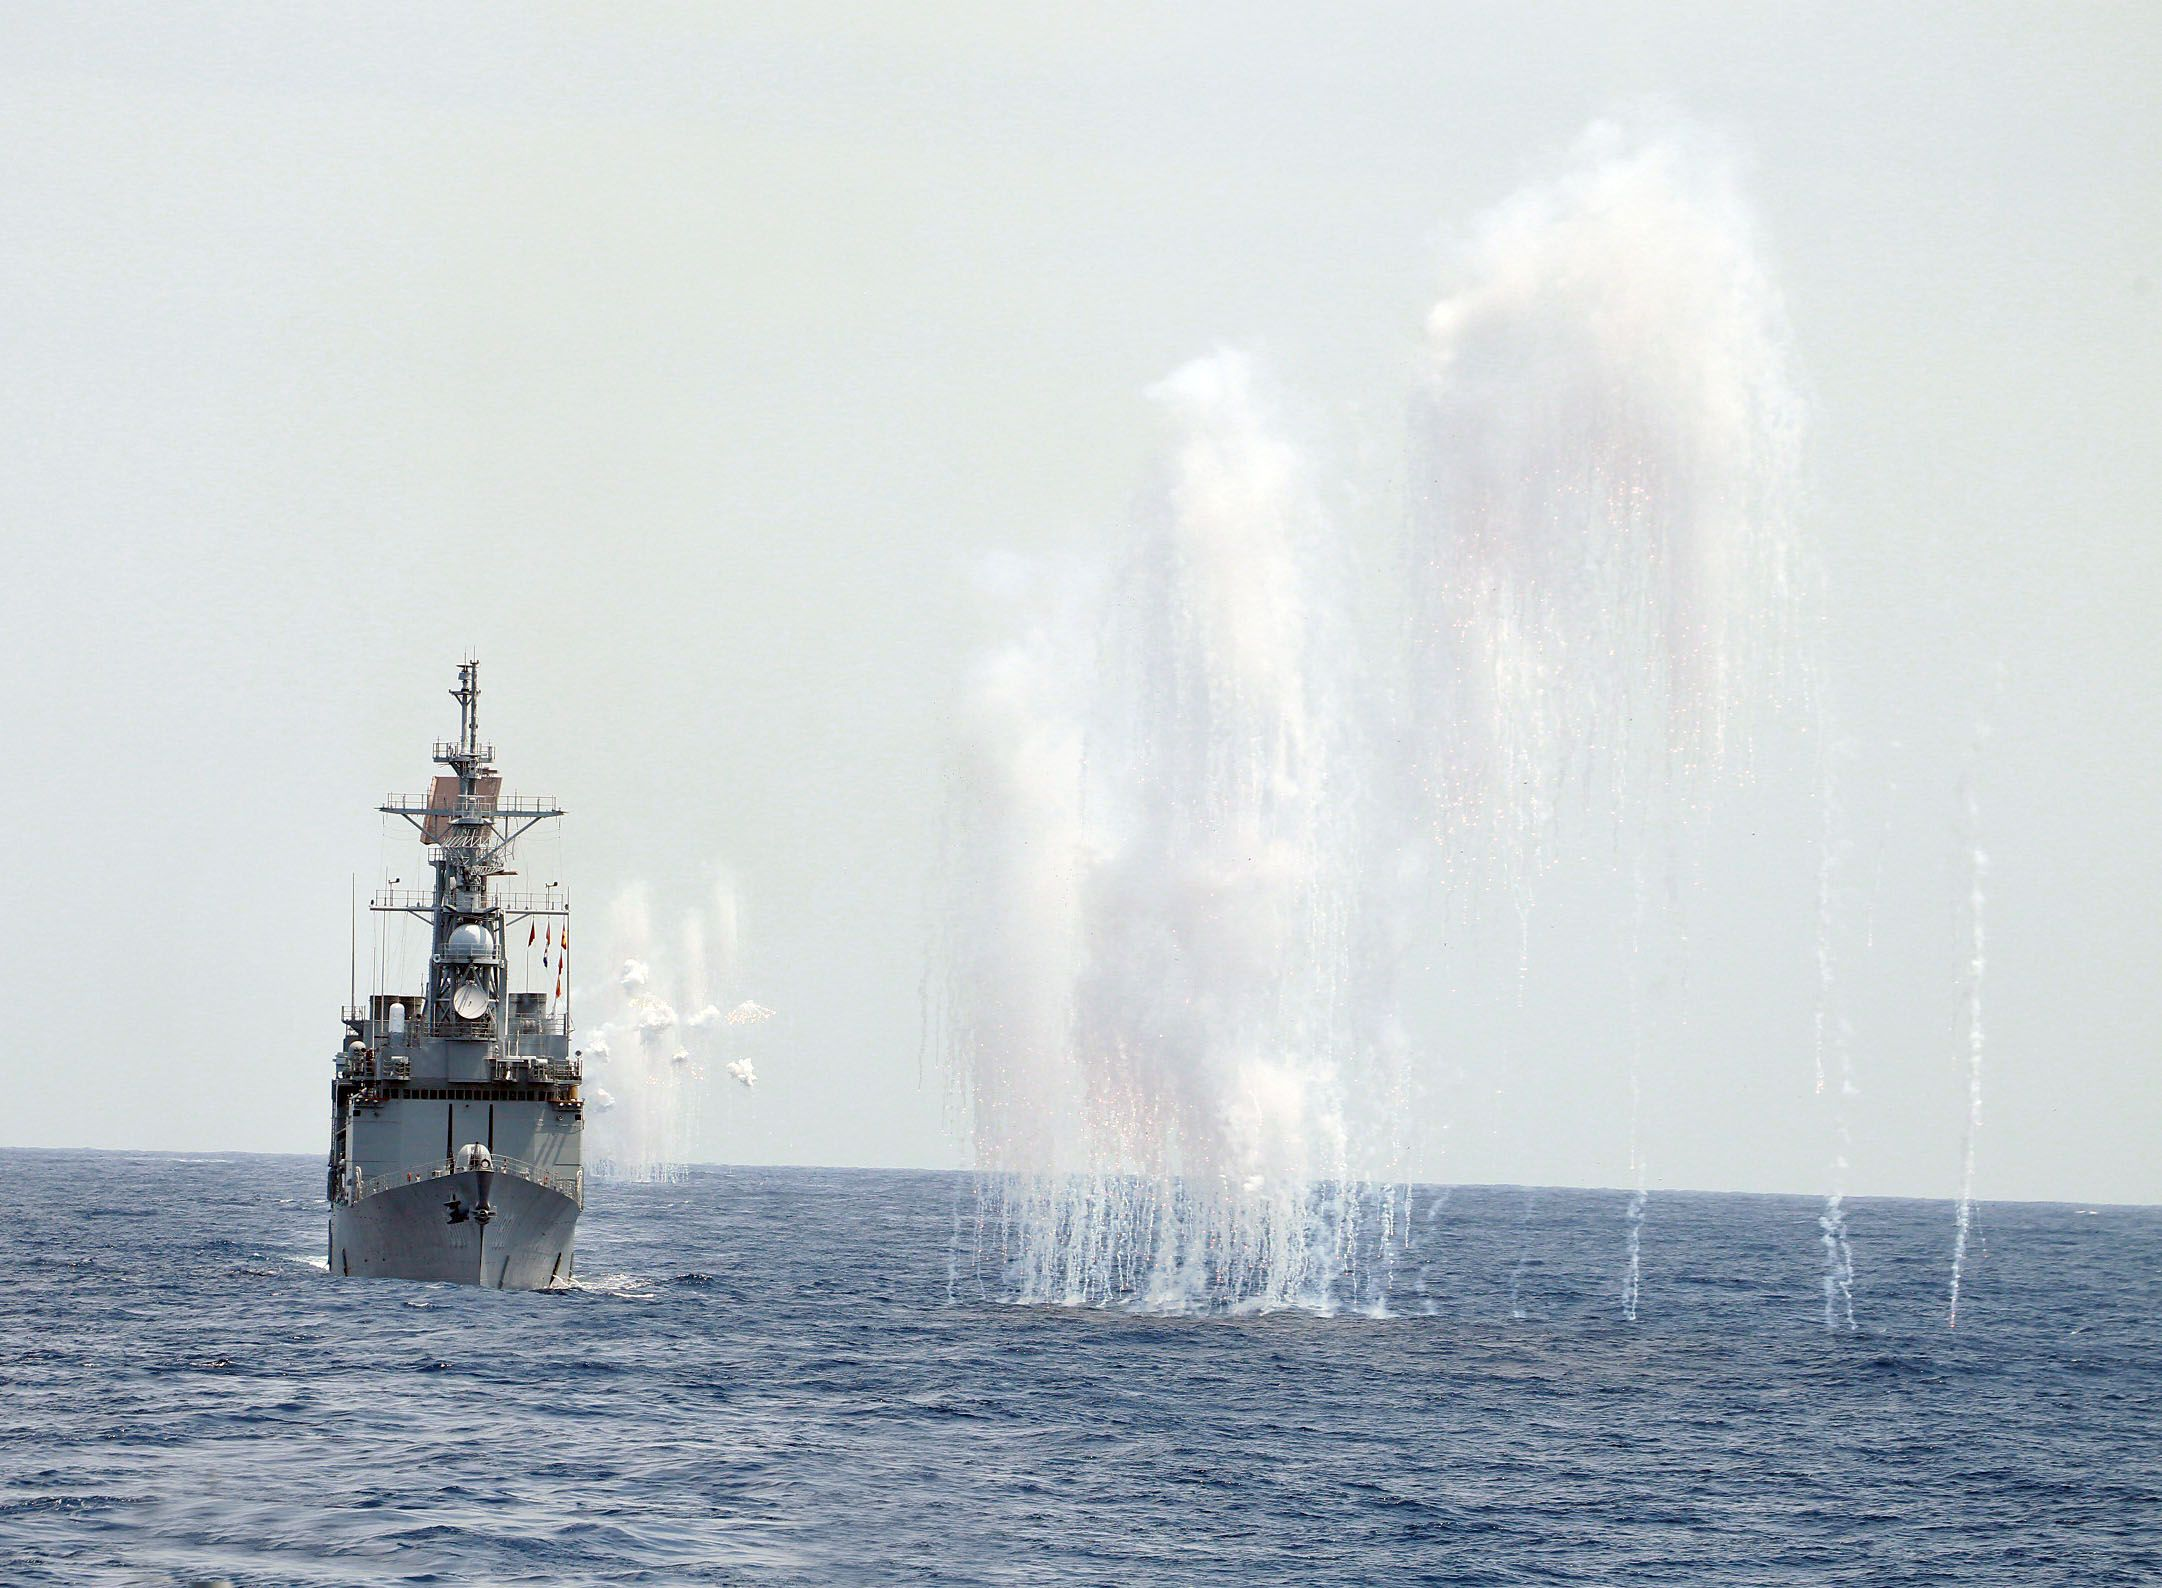 紀德級基隆艦及各艦實施干擾彈,空中金屬干擾絲降低飛彈威脅。(圖/記者邱榮吉攝)